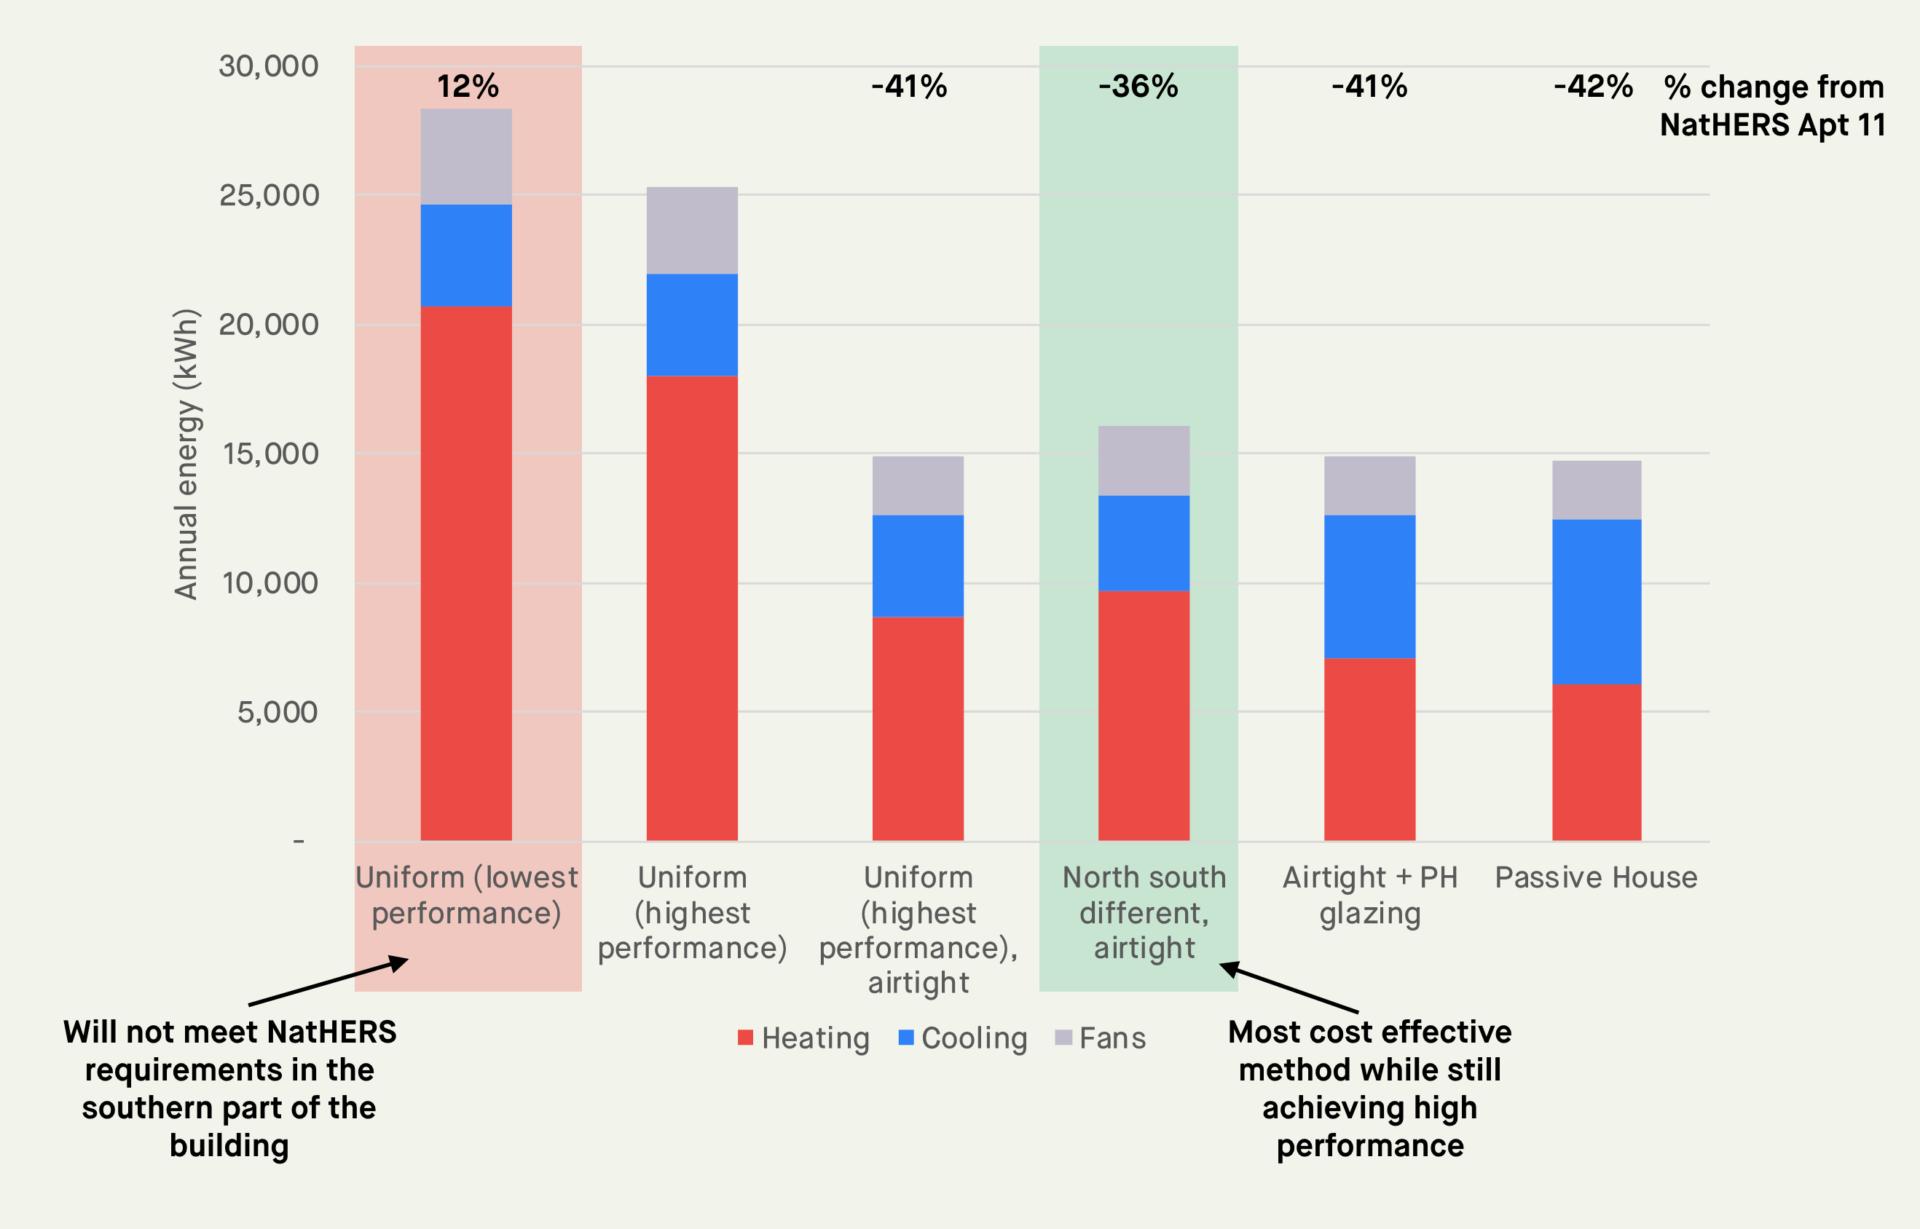 hvac consumption under different facade scenarios